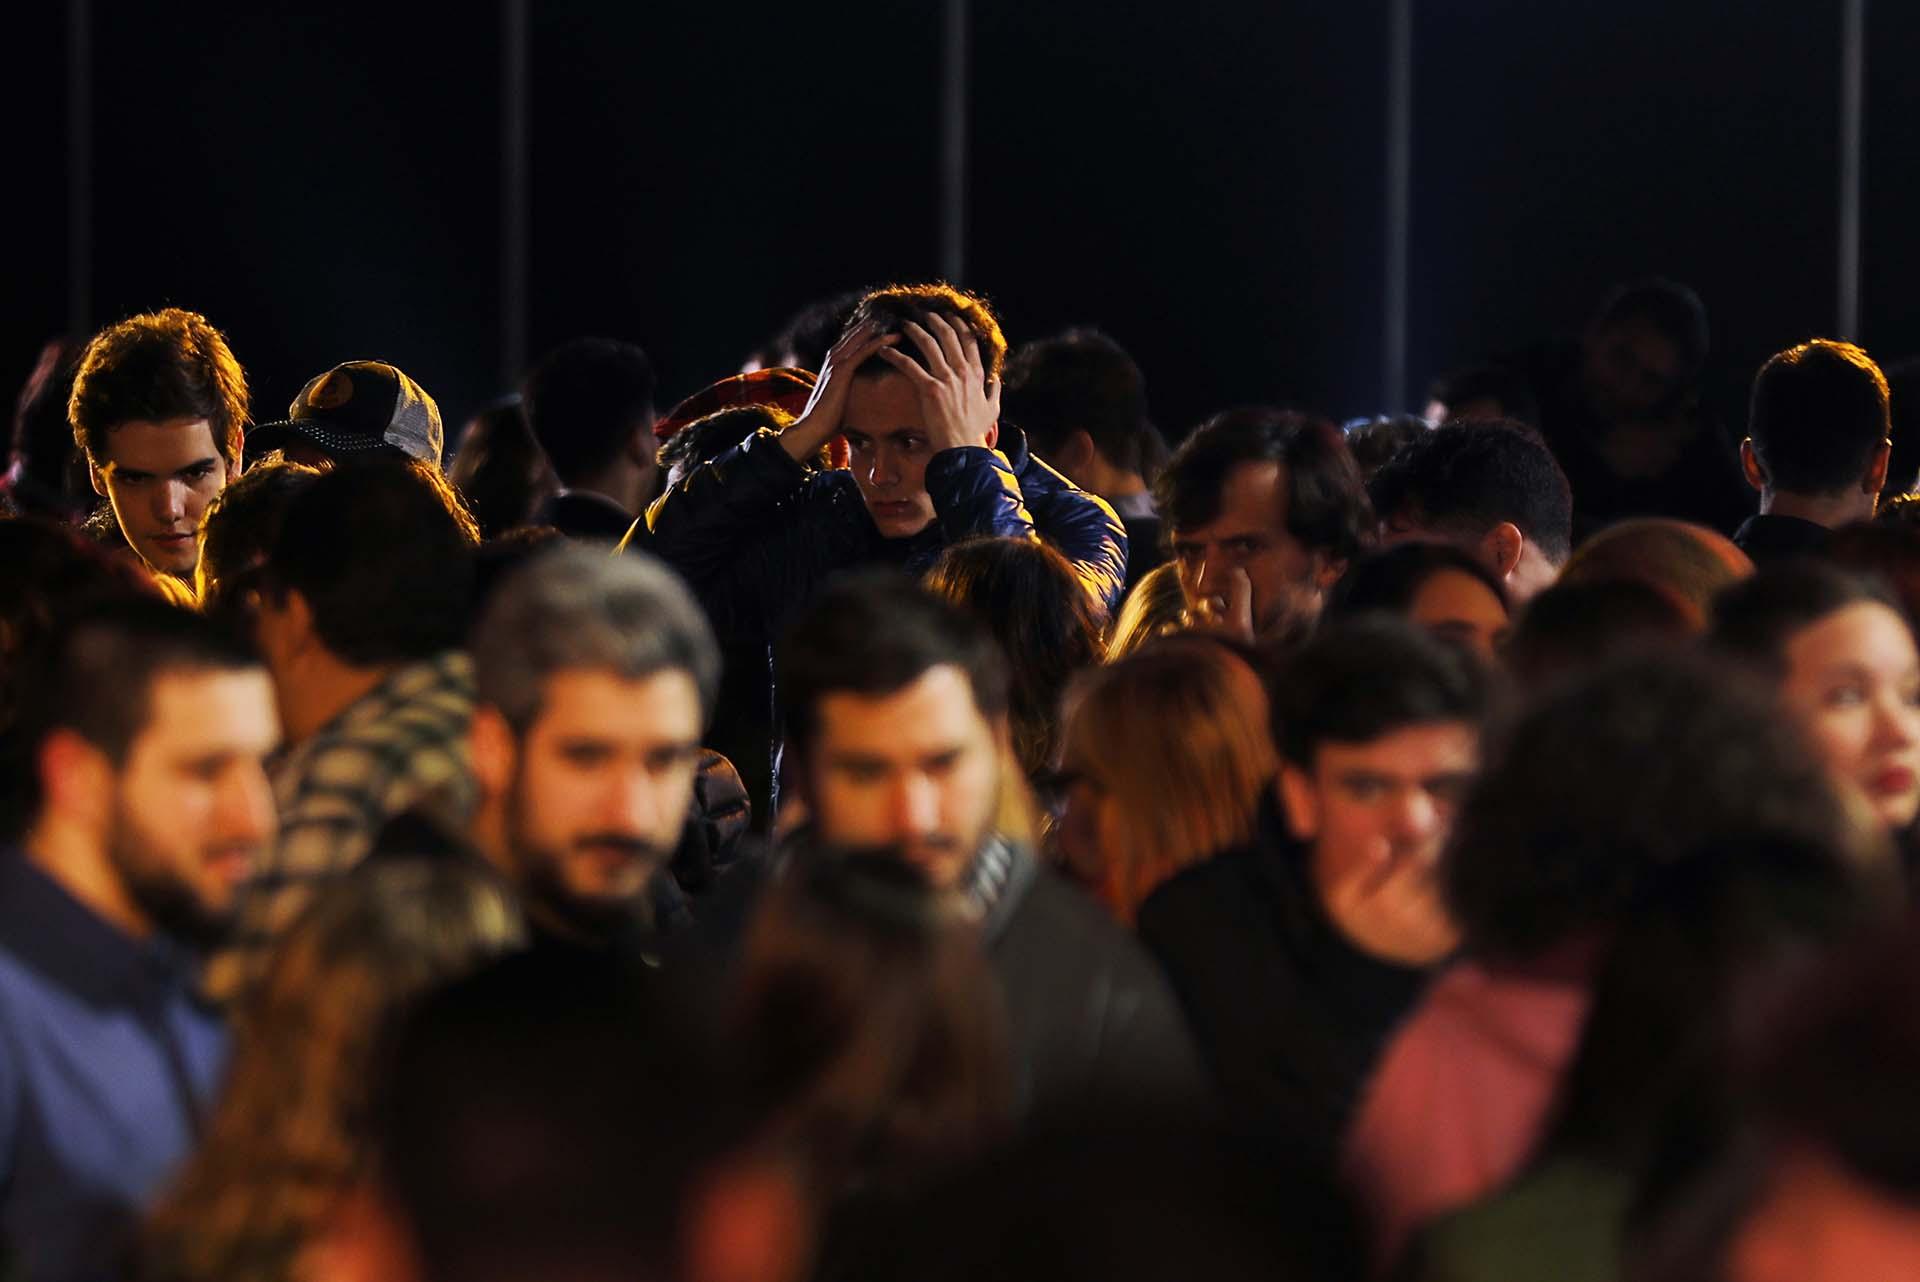 El clima de derrota también se percibió entre los militantes de Juntos por el Cambio que acudieron al búnker en Costa Salguero (REUTERS/Luisa Gonzalez)